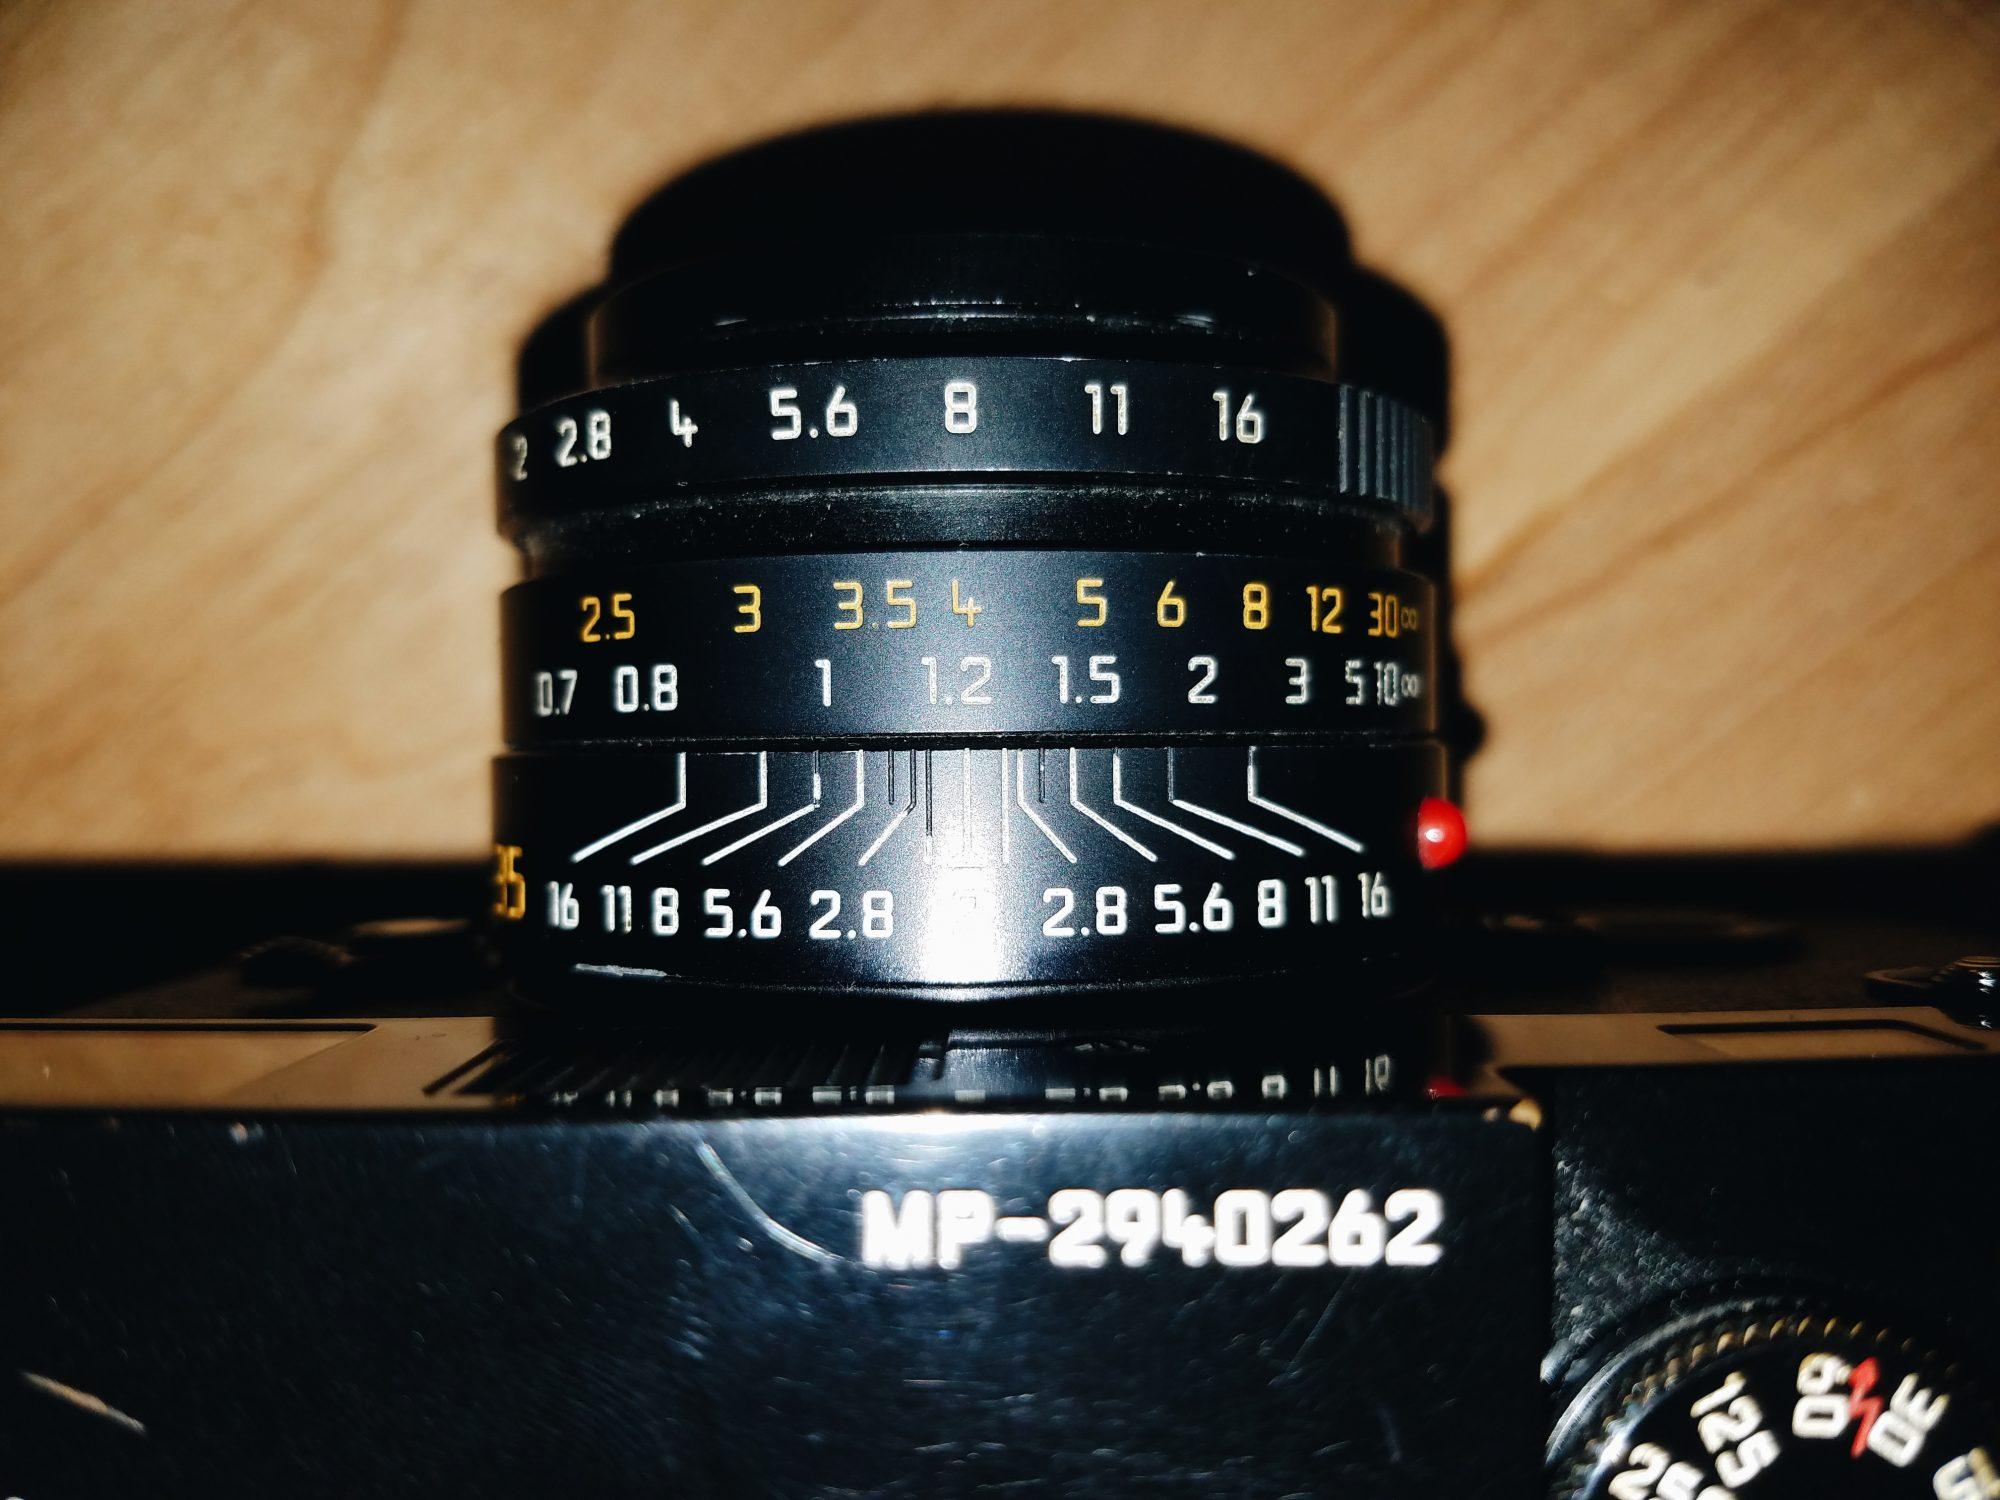 Good default distance is f/8, pre-focused at 1.2 meters